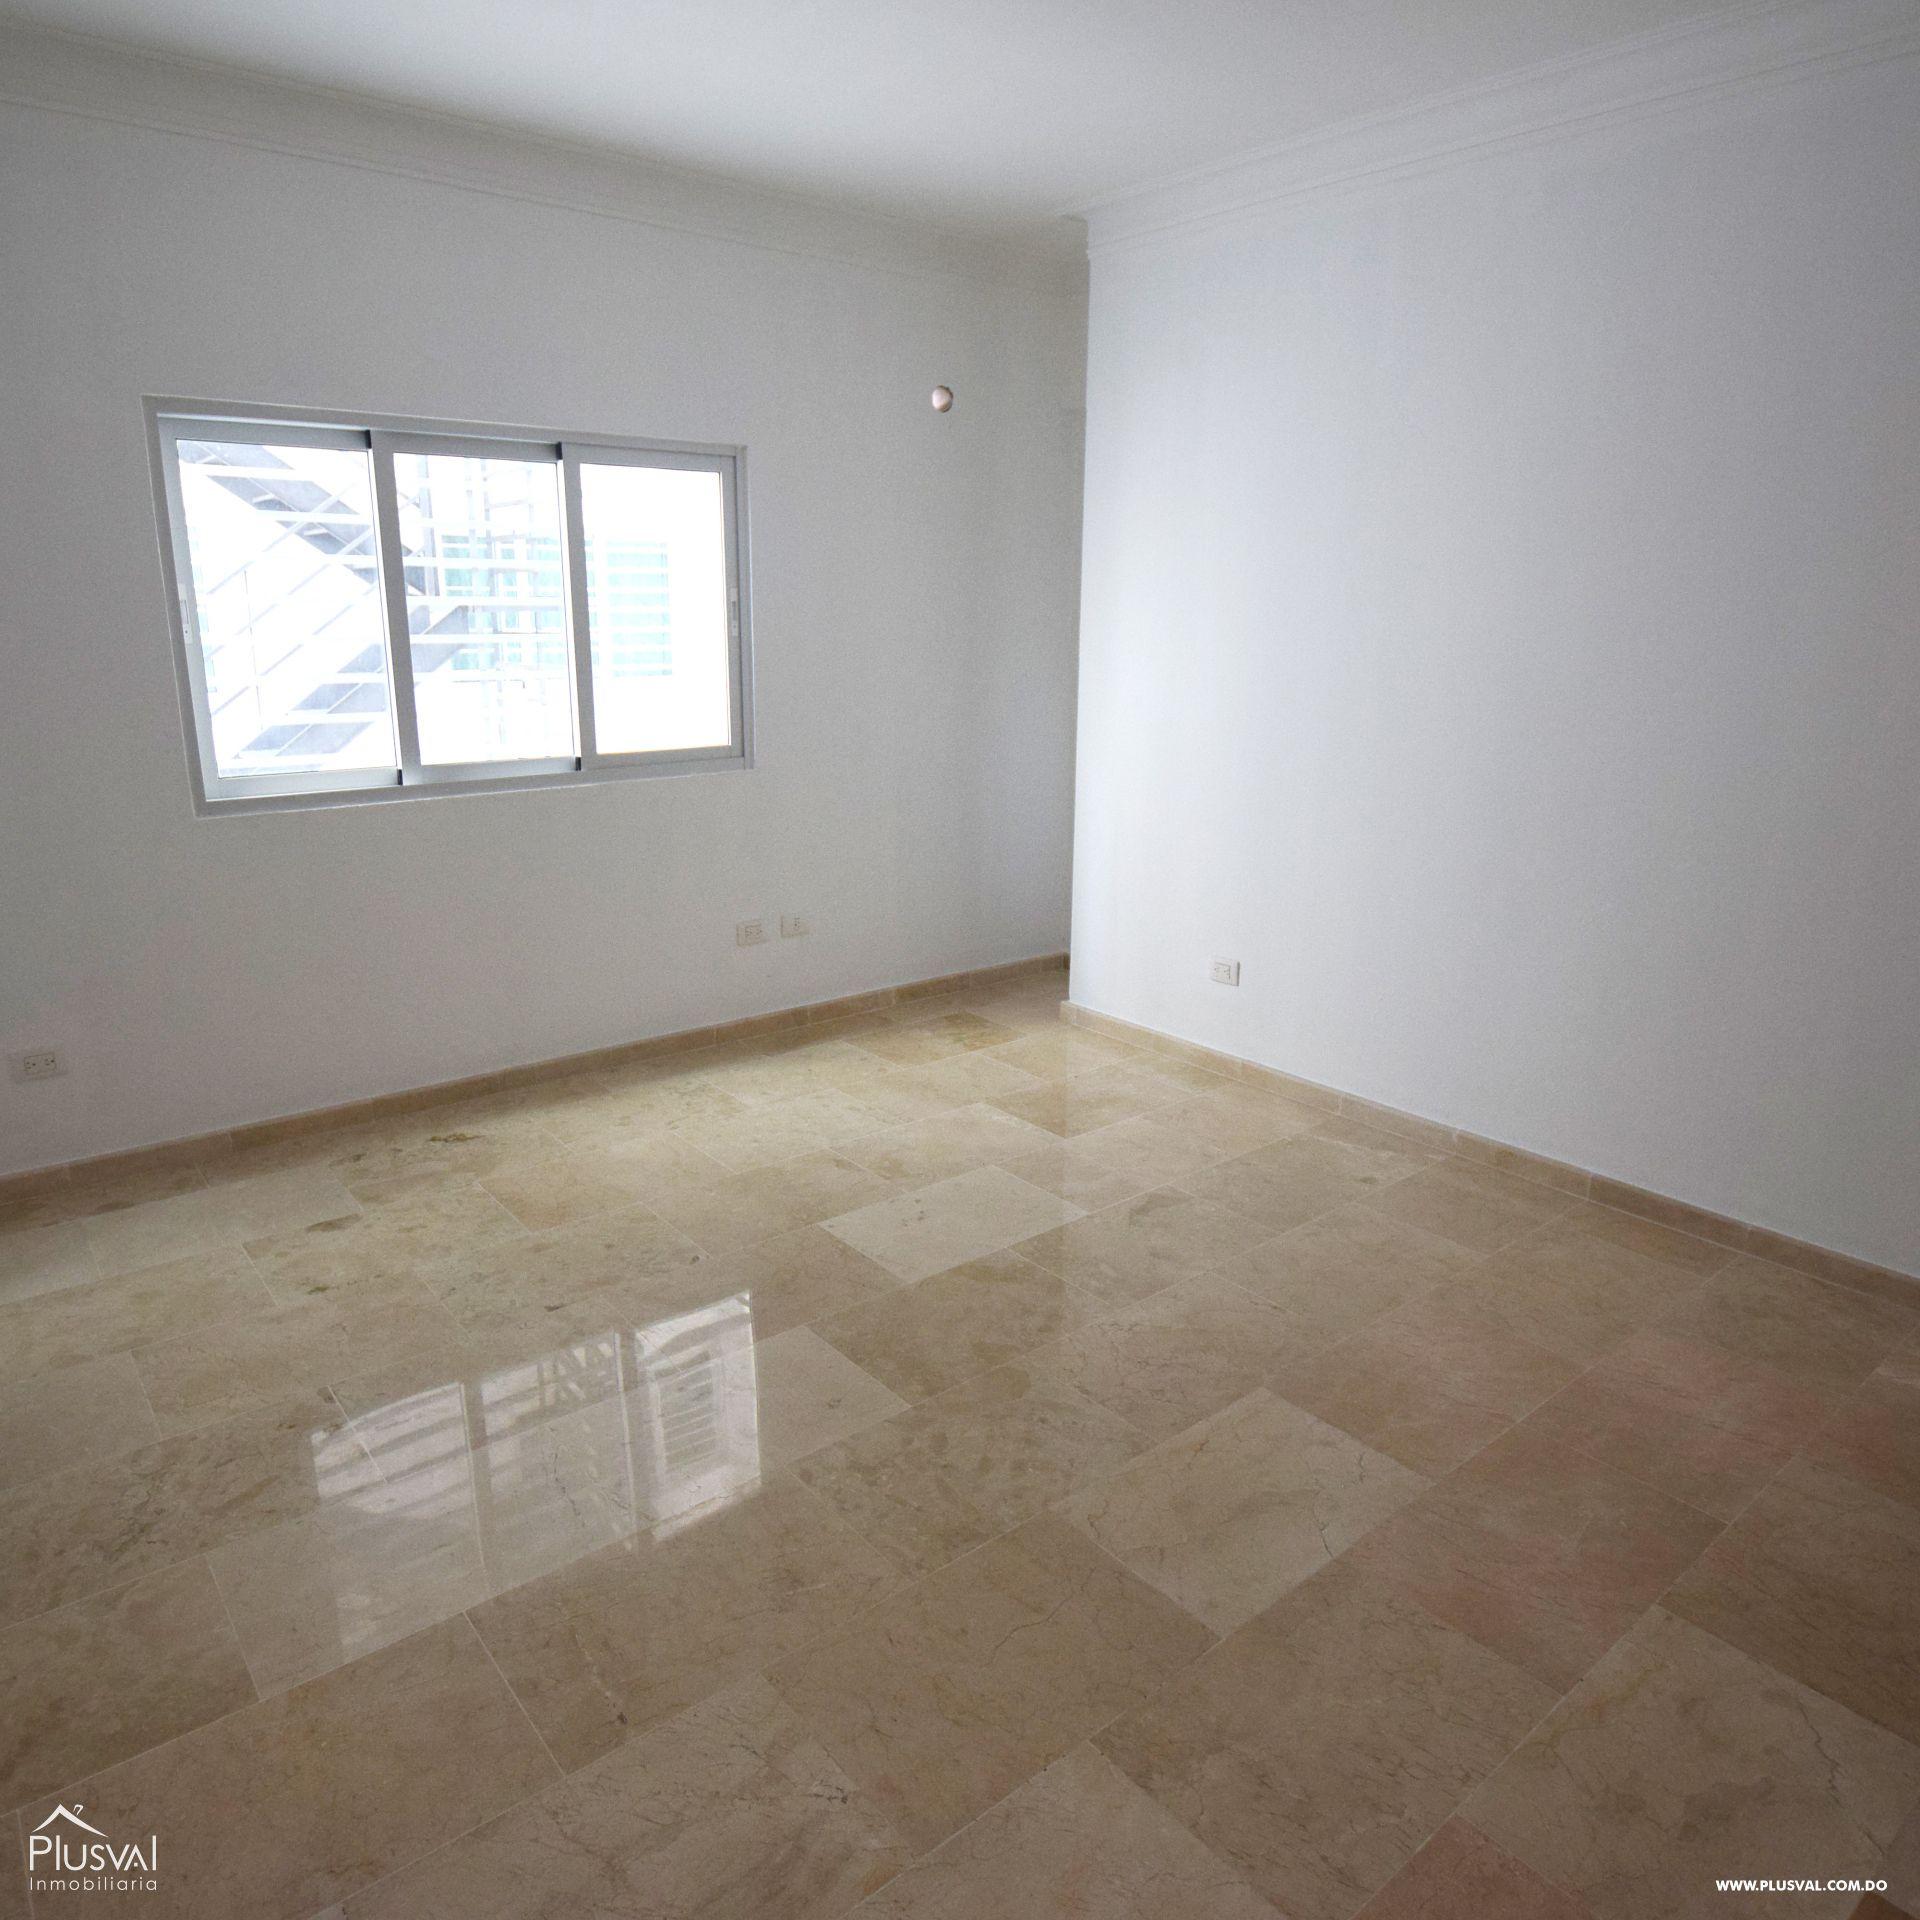 Proyecto residencial en venta, Evaristo Morales 149520